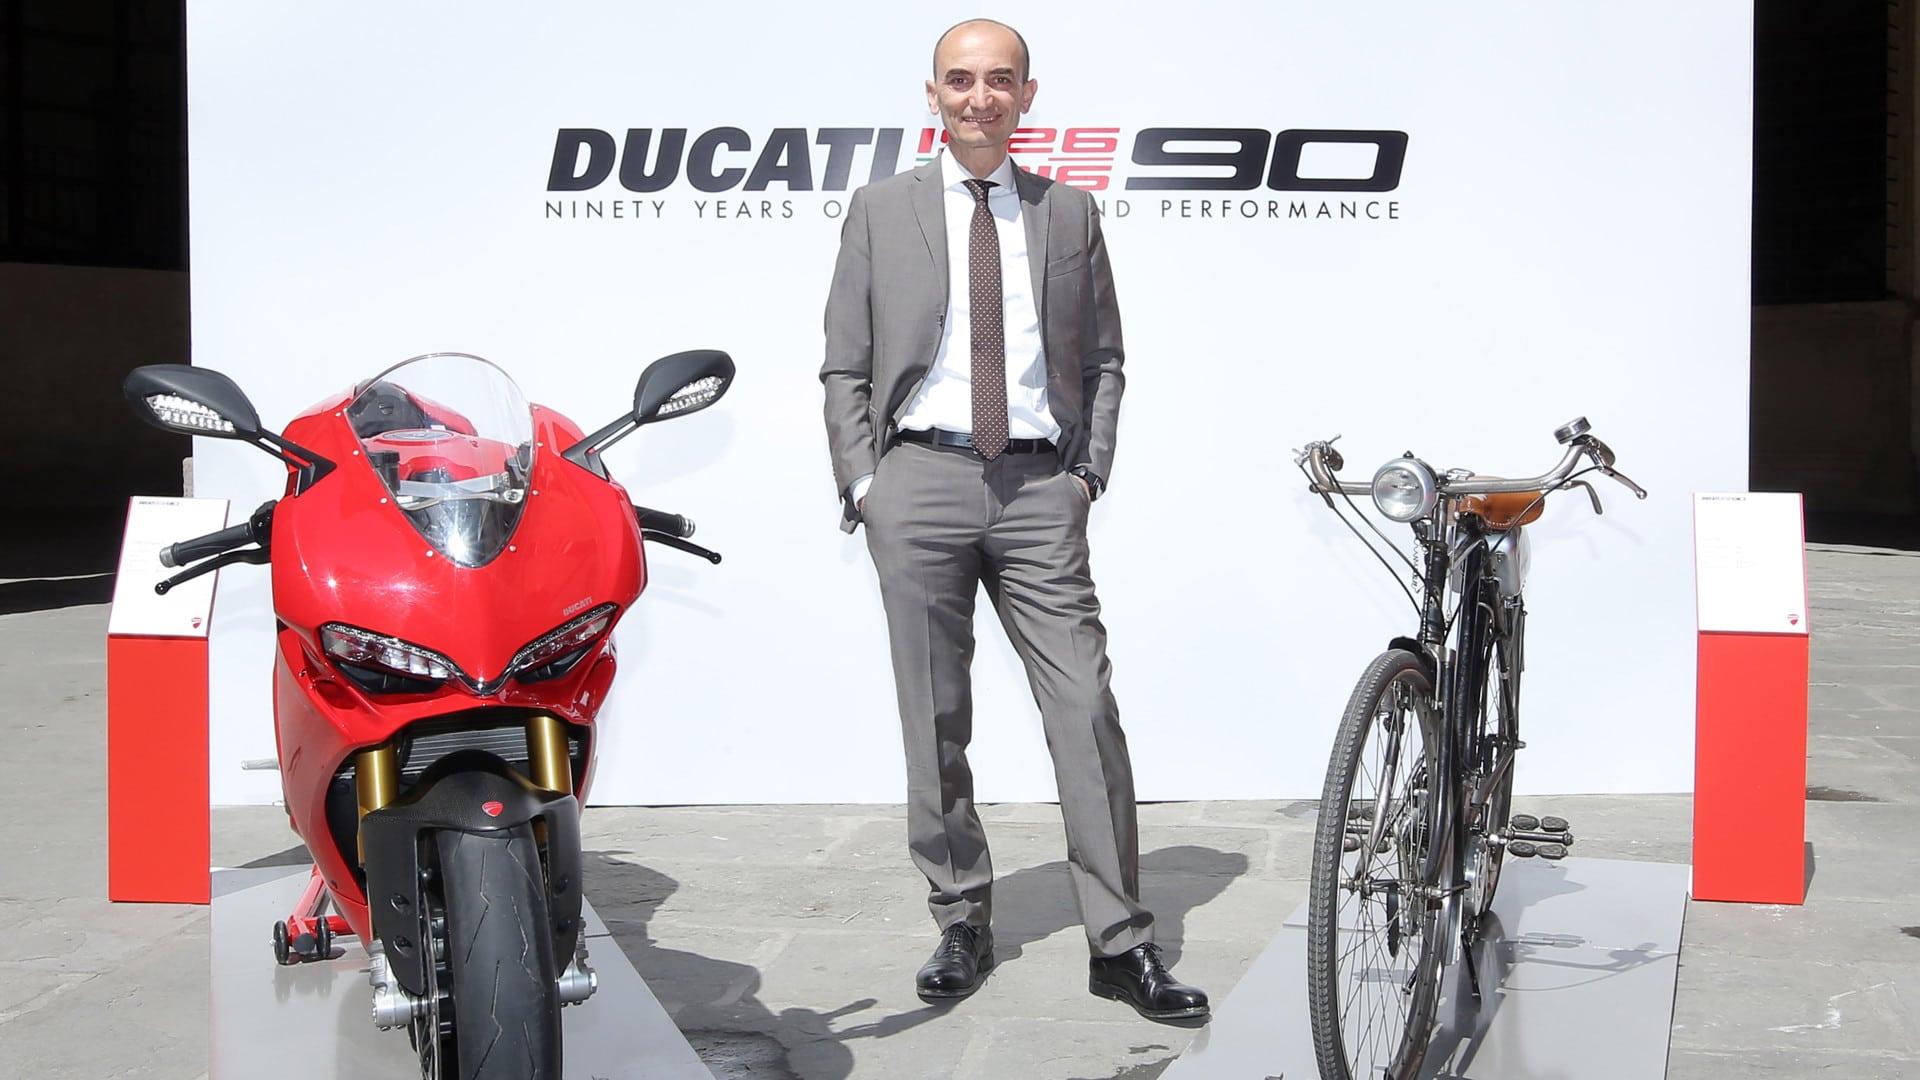 Ducati 90th anniversary press conference